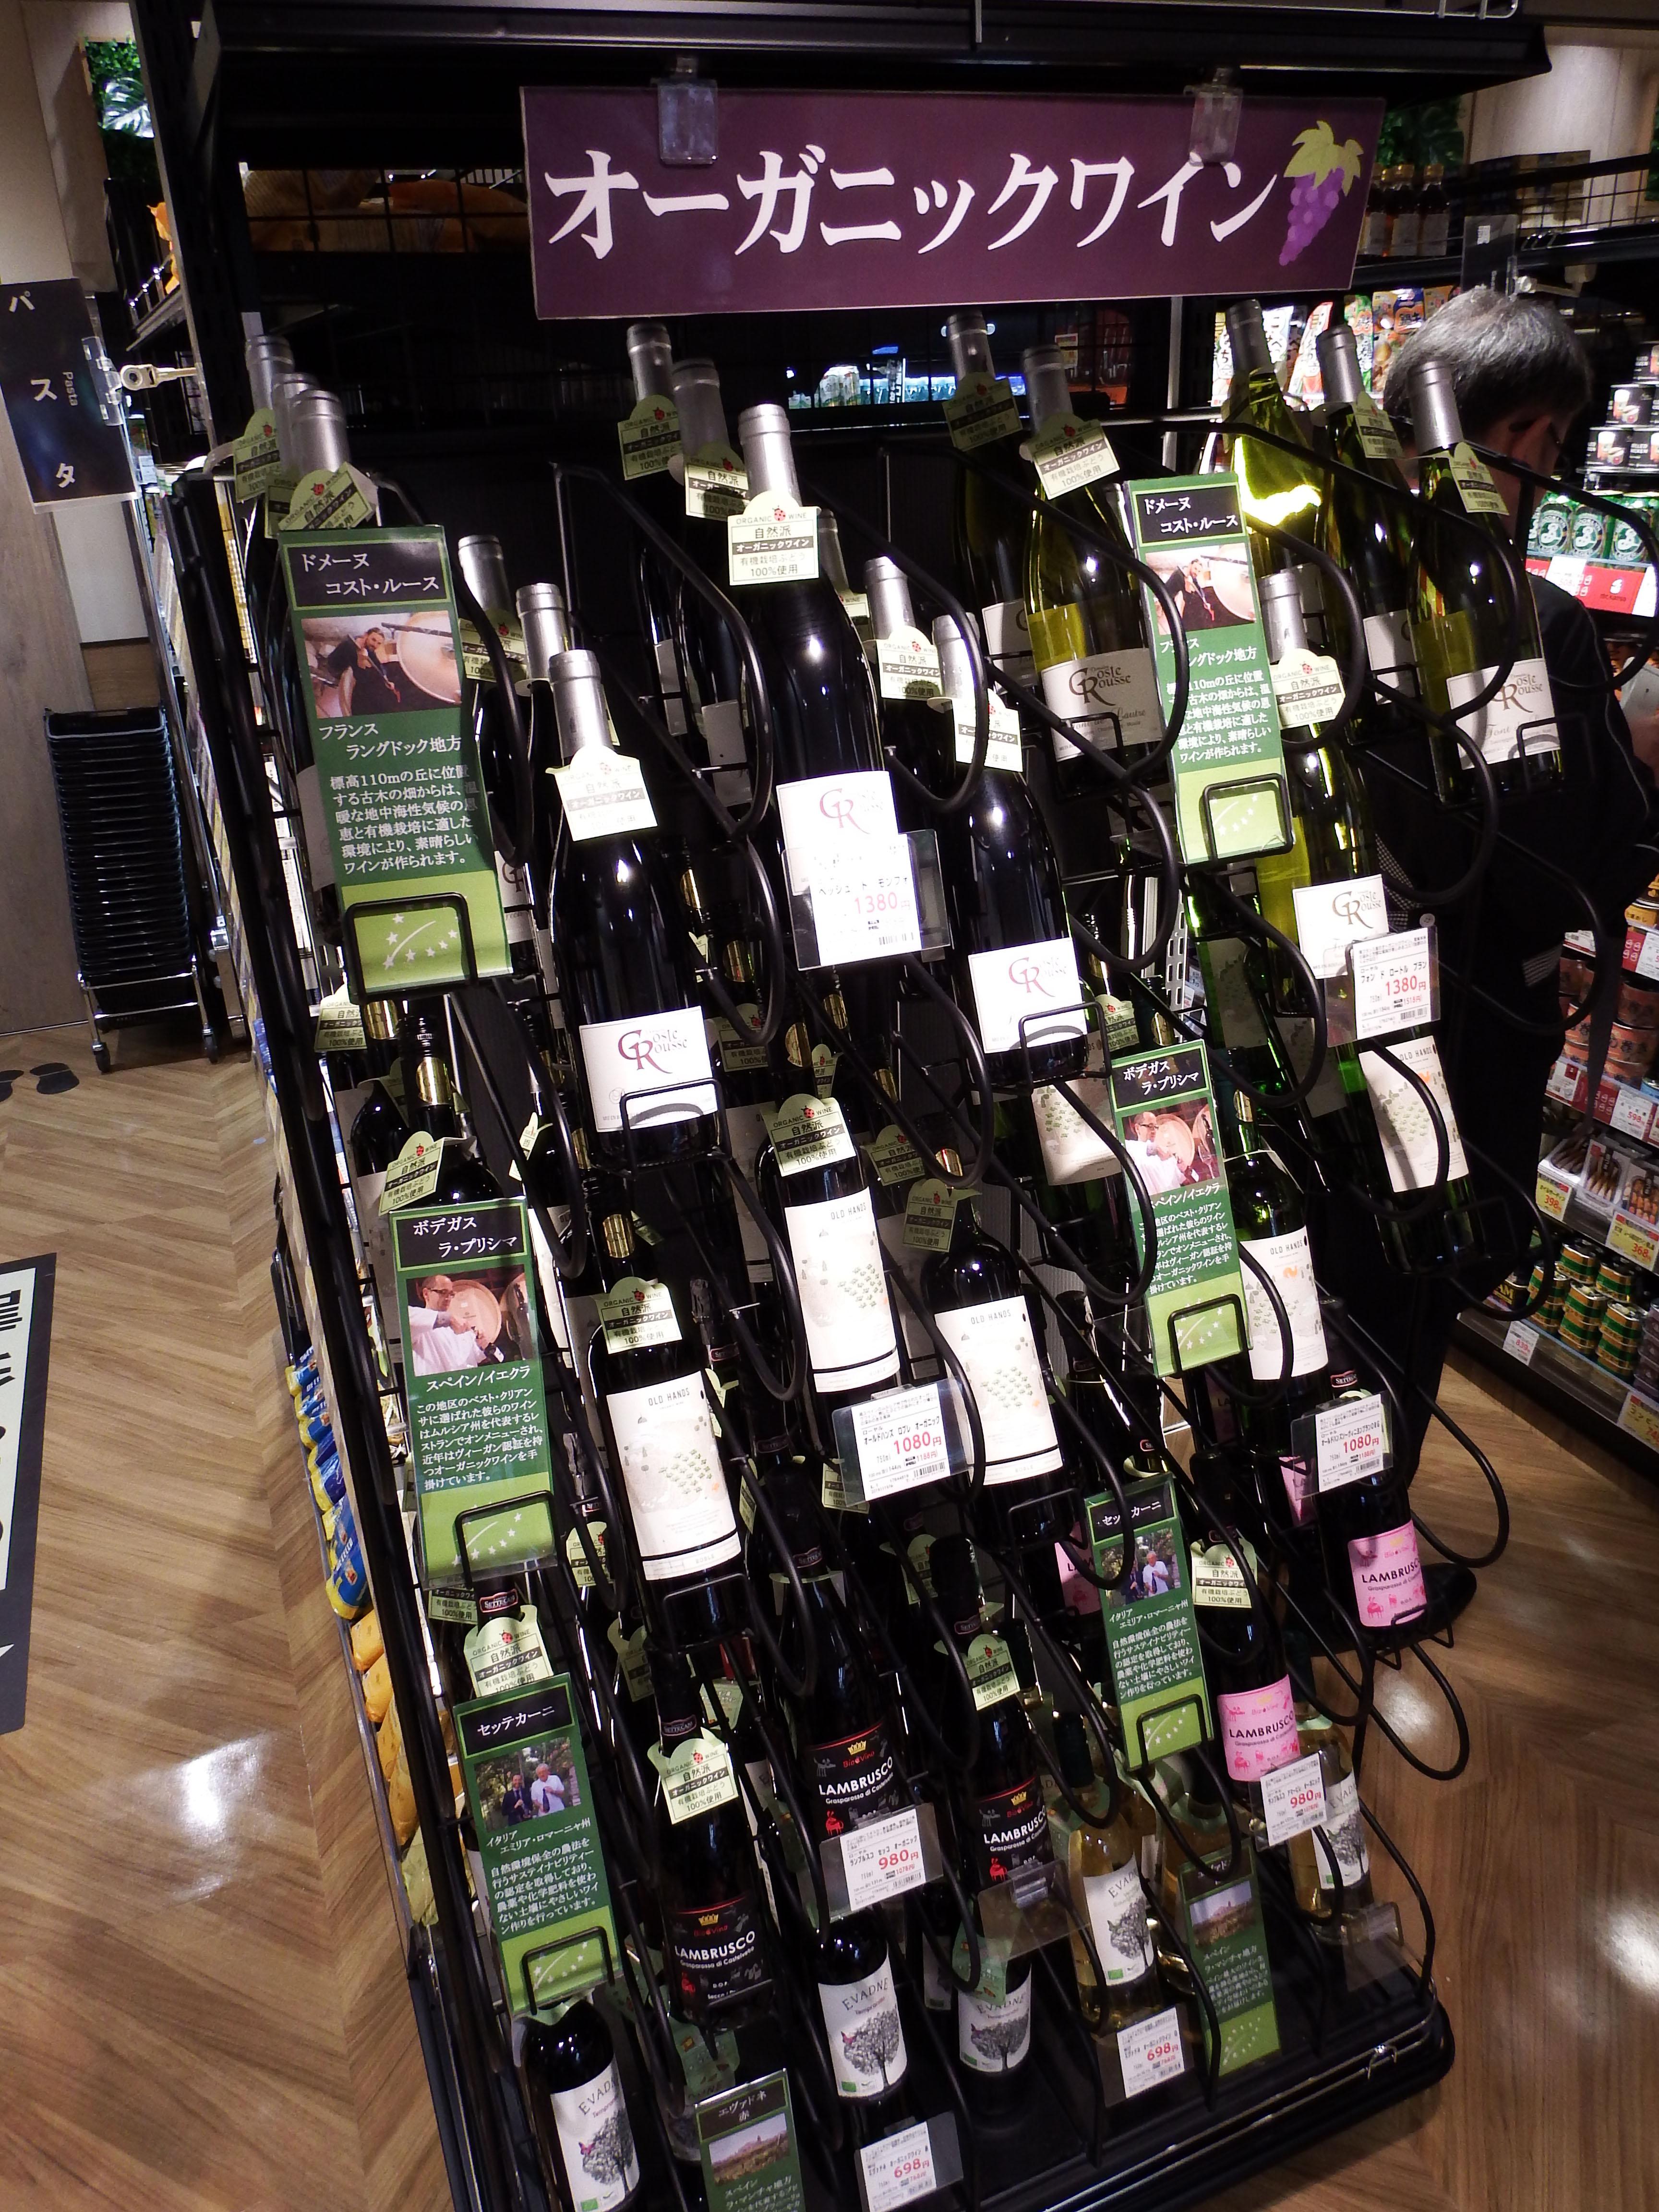 チリ産ワイン減速止まらずフランス産が首位へ 日欧EPA効果